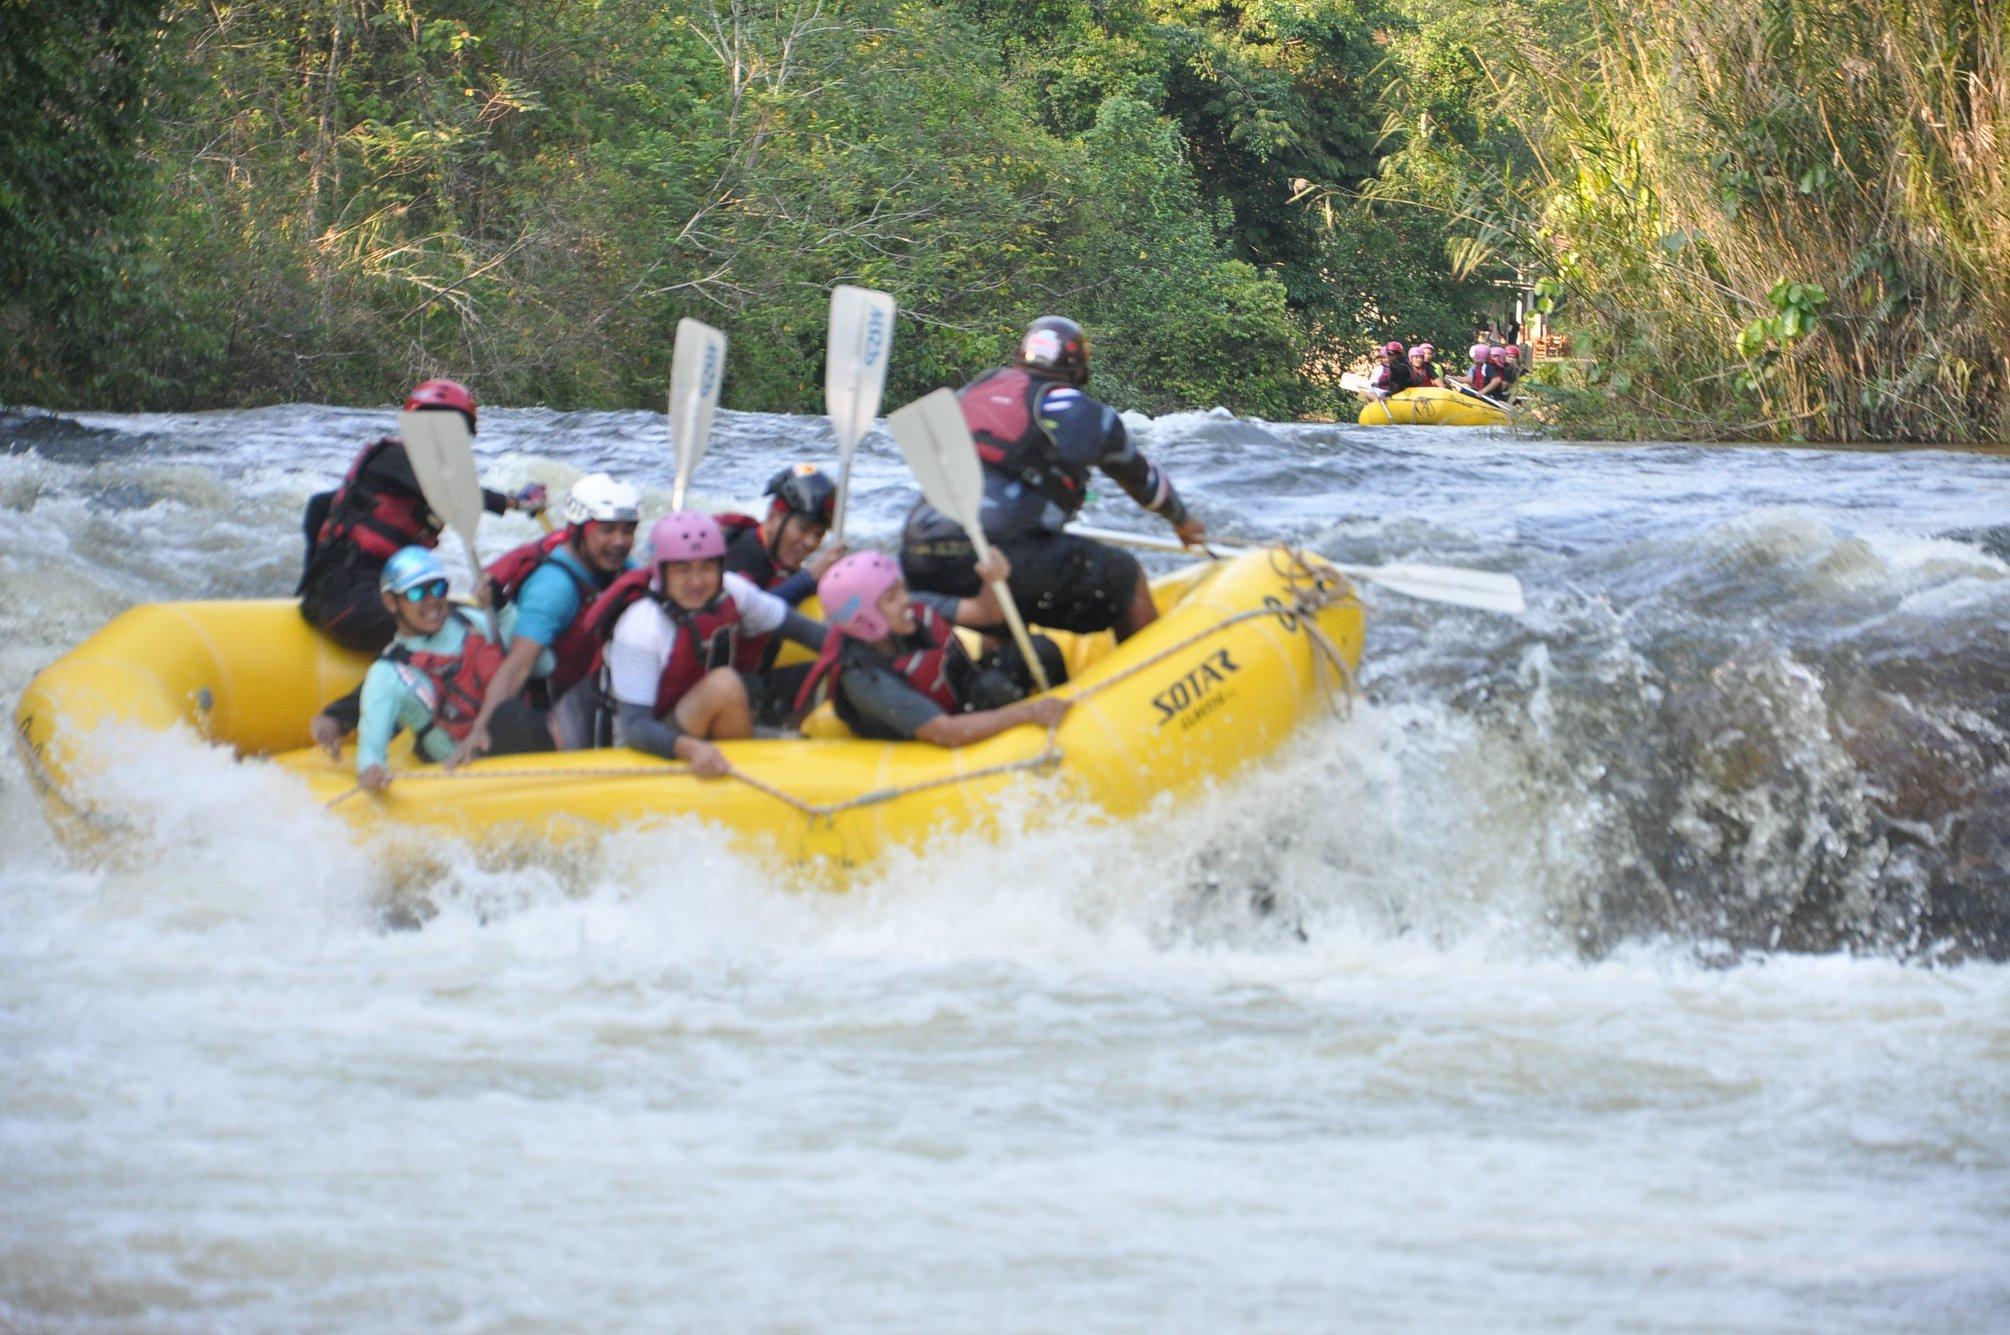 Sukan kayak di jeram sungai merupakan antara aktiviti rekreasi air yang diminati oleh pelanggan di AsiaCamp